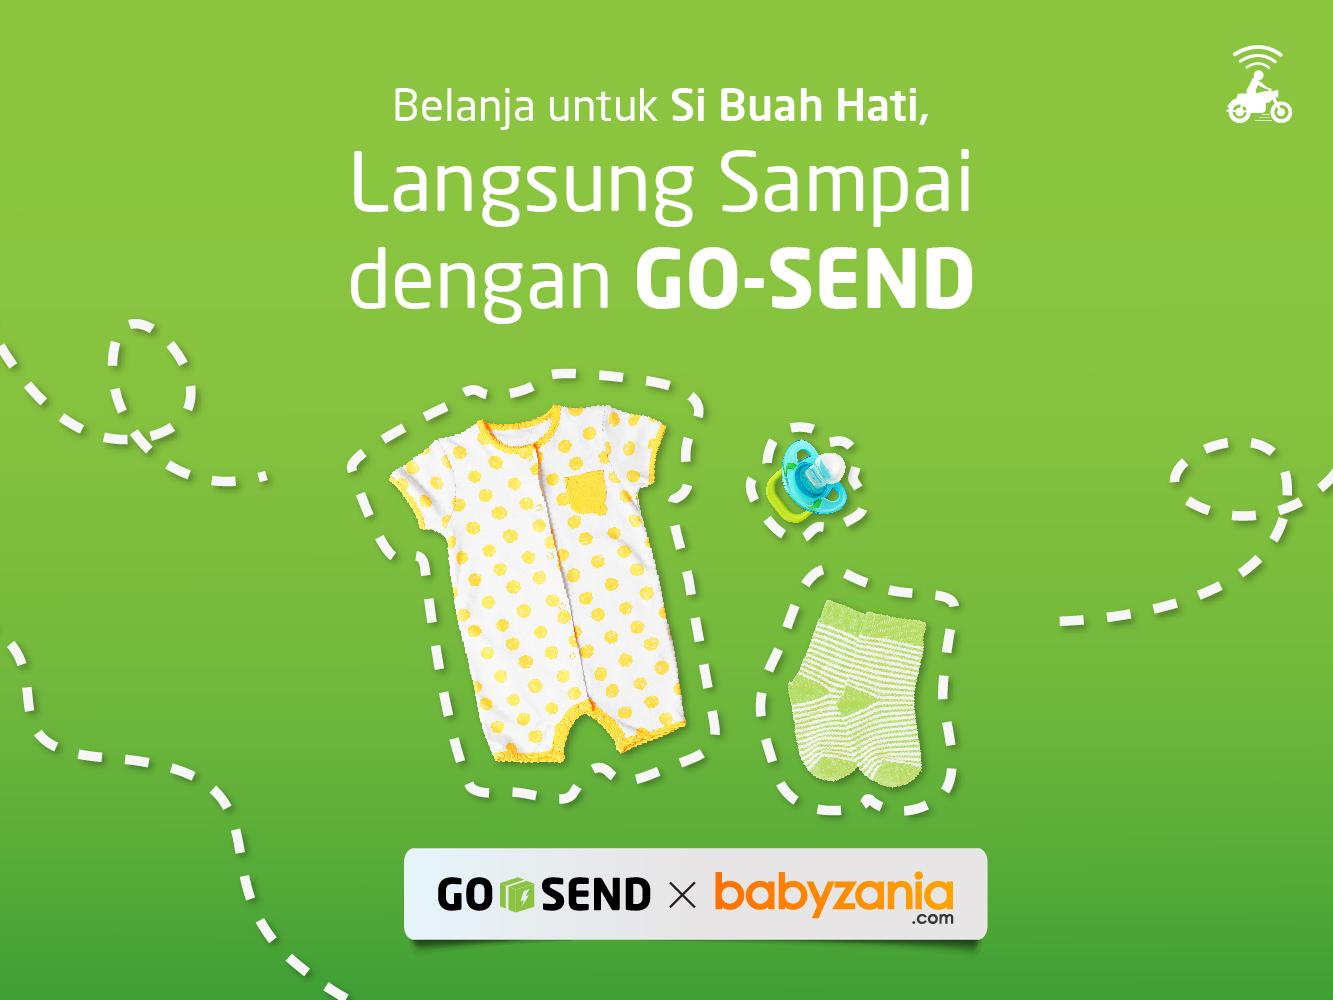 GO-SEND x Babyzania